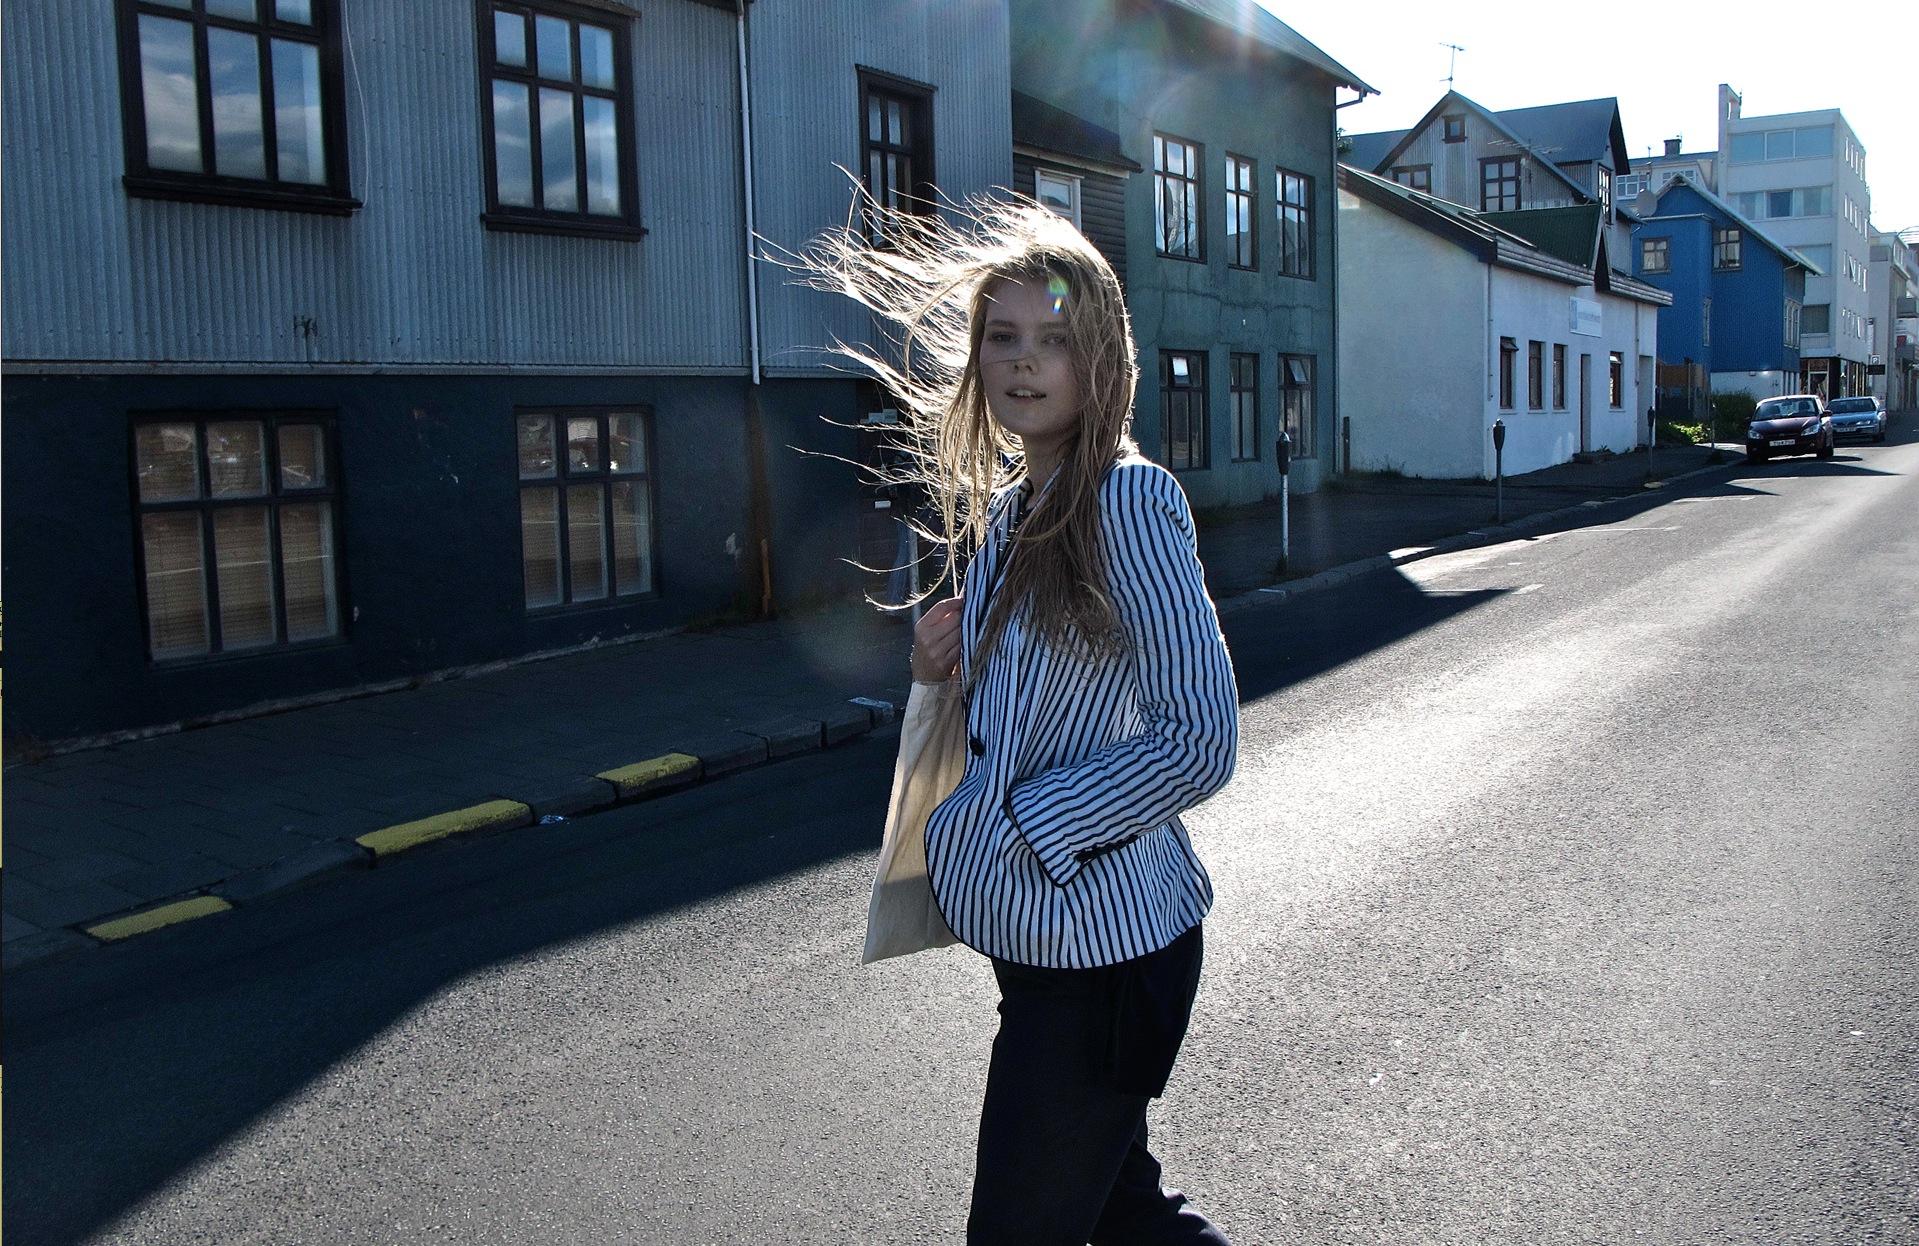 Rekjavik_01_opener.jpg